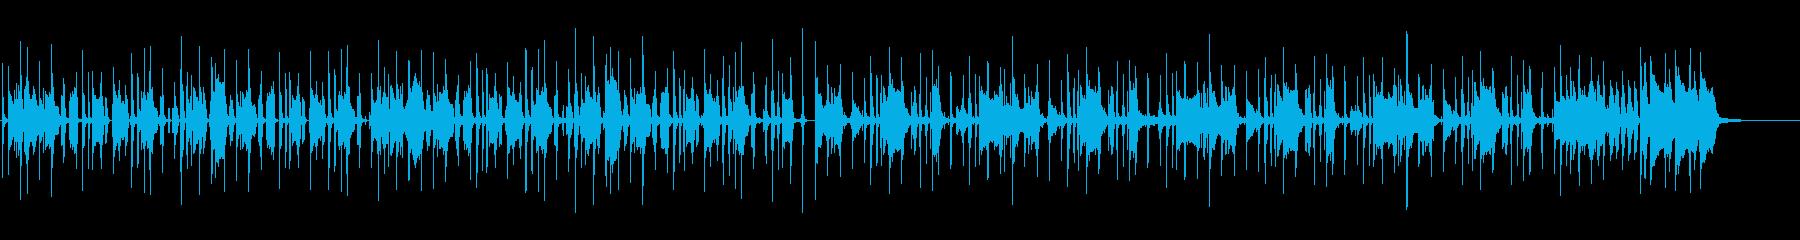 ミドルテンポのファンク曲の再生済みの波形